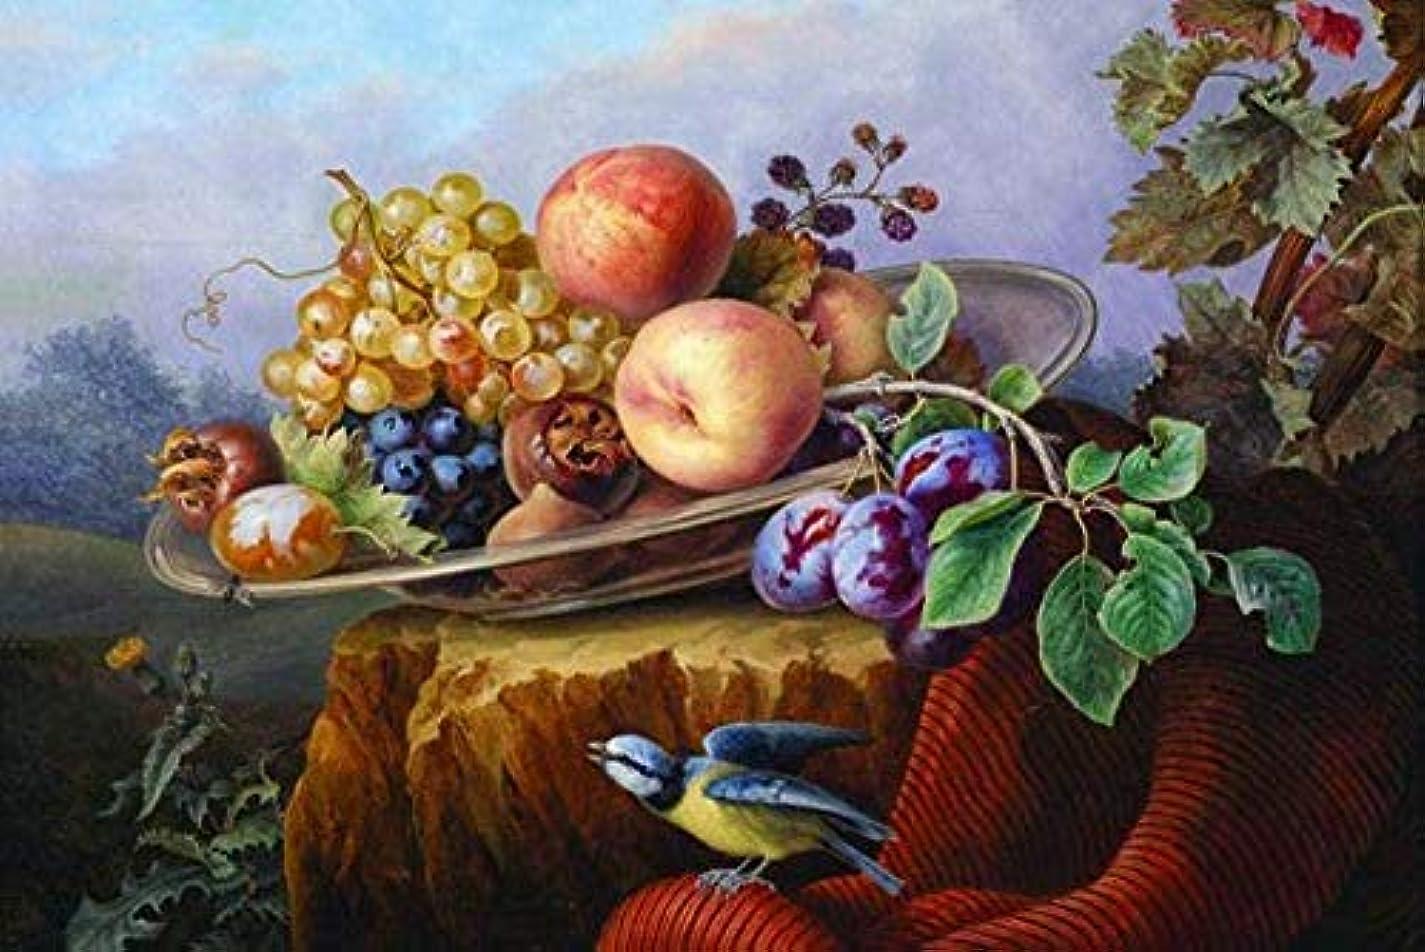 消化留め金老人HNZS壁アート装飾画像古典的な鳥の風景静物フルーツ対称油絵キャンバスプリントフレームなし40X50Cm